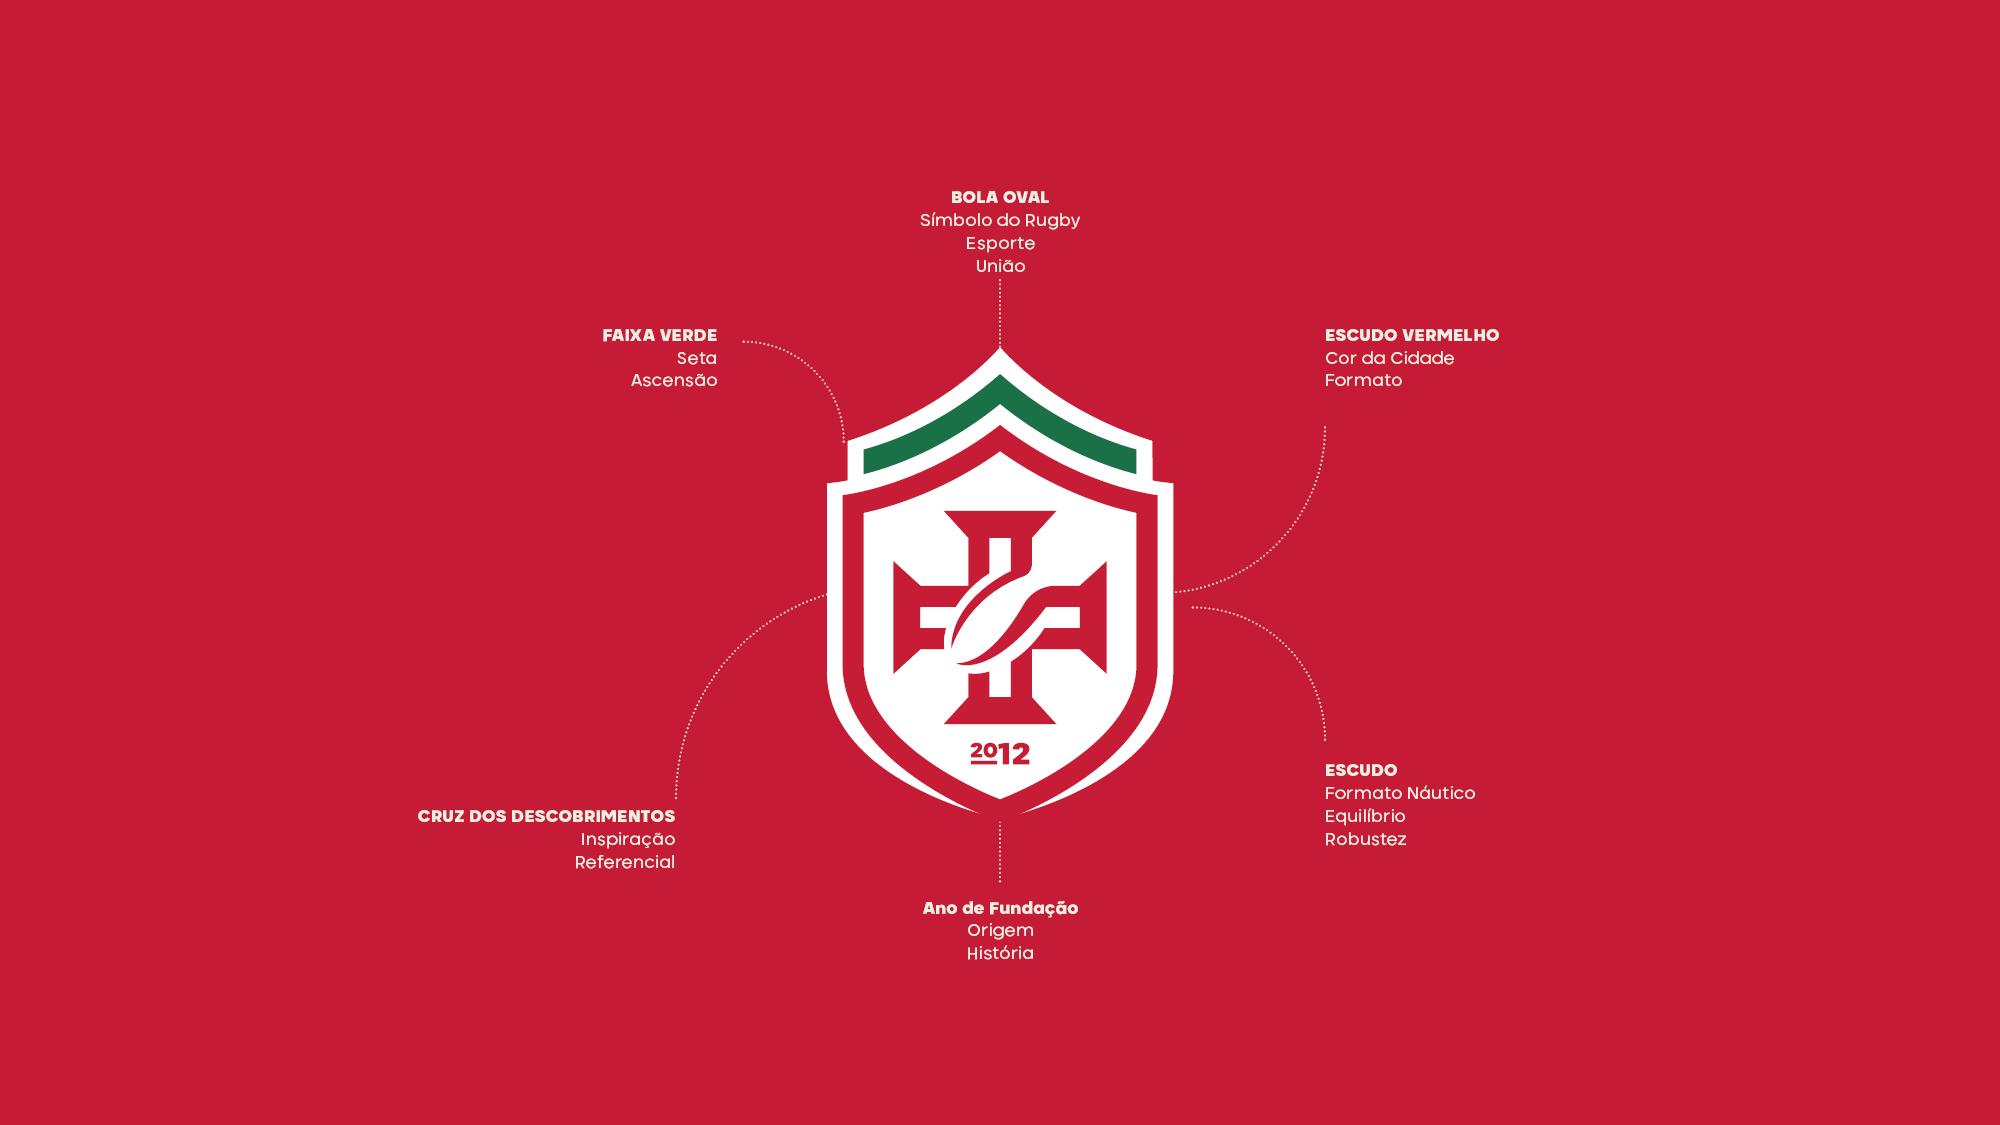 201911-Porto-Seguro-Rugby-Clube-Brand-Launch3